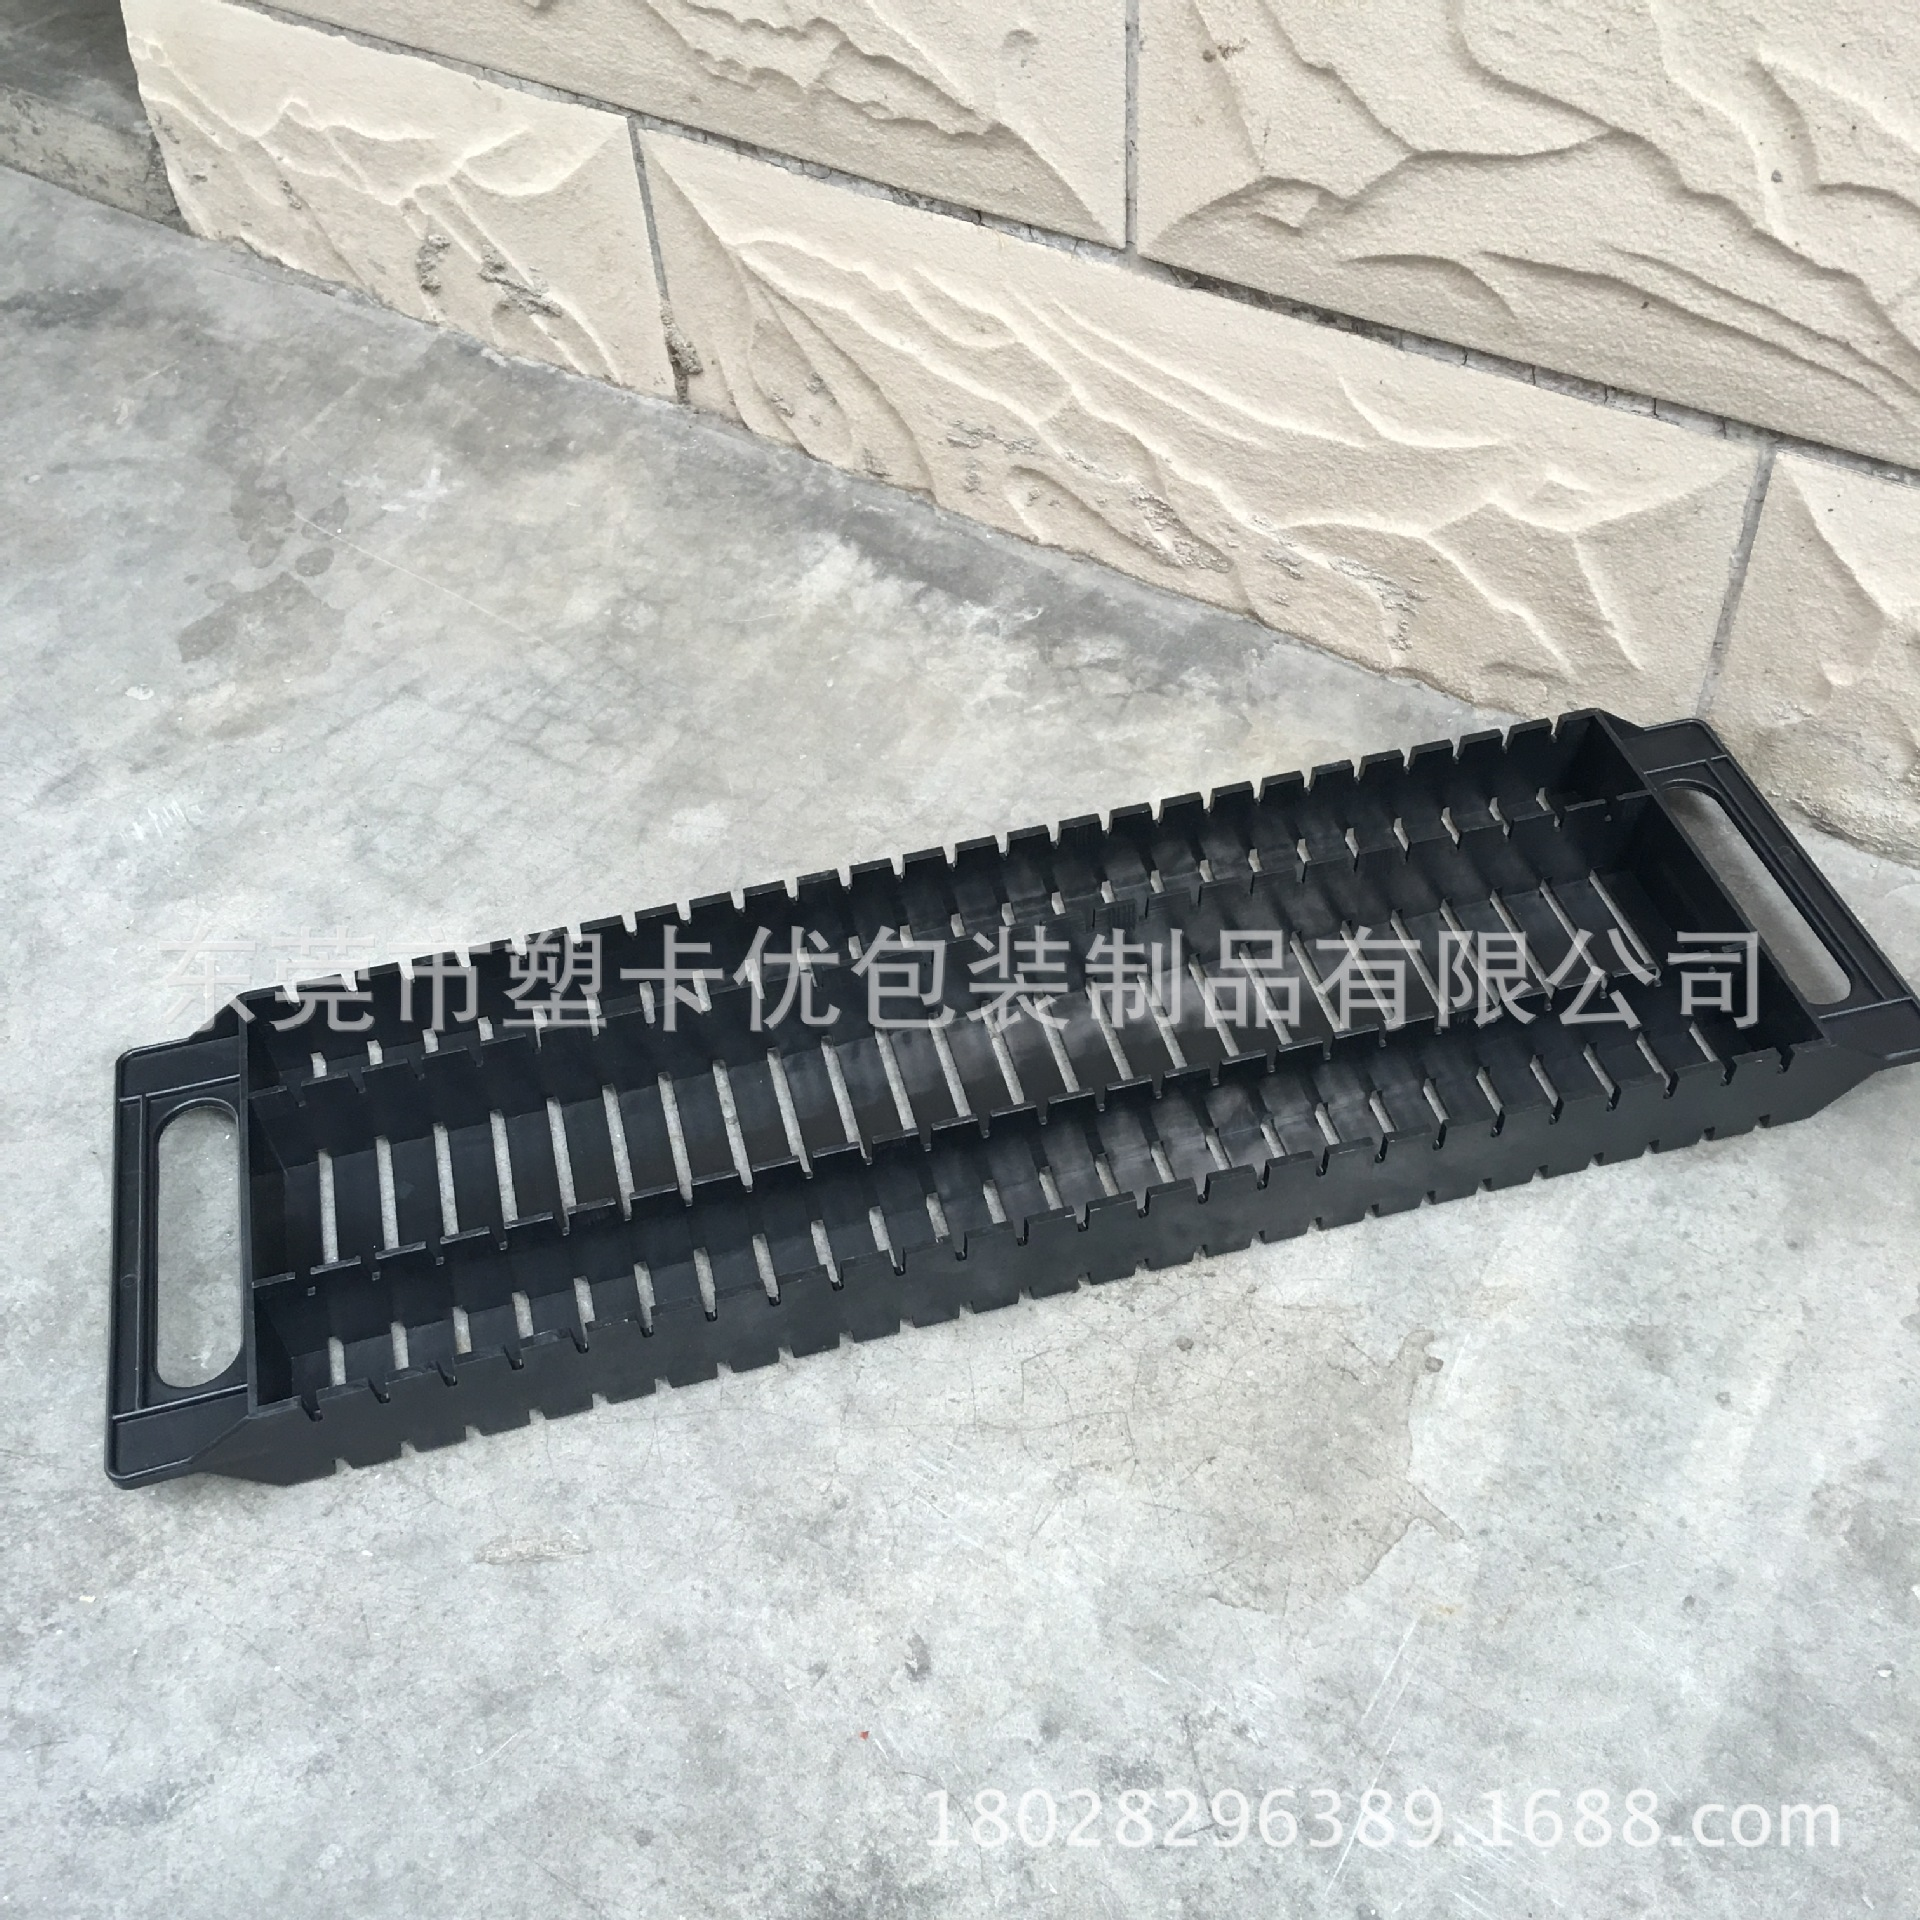 东莞厂家批发防静电上板架、PCB线路板周转架、防静电条形板